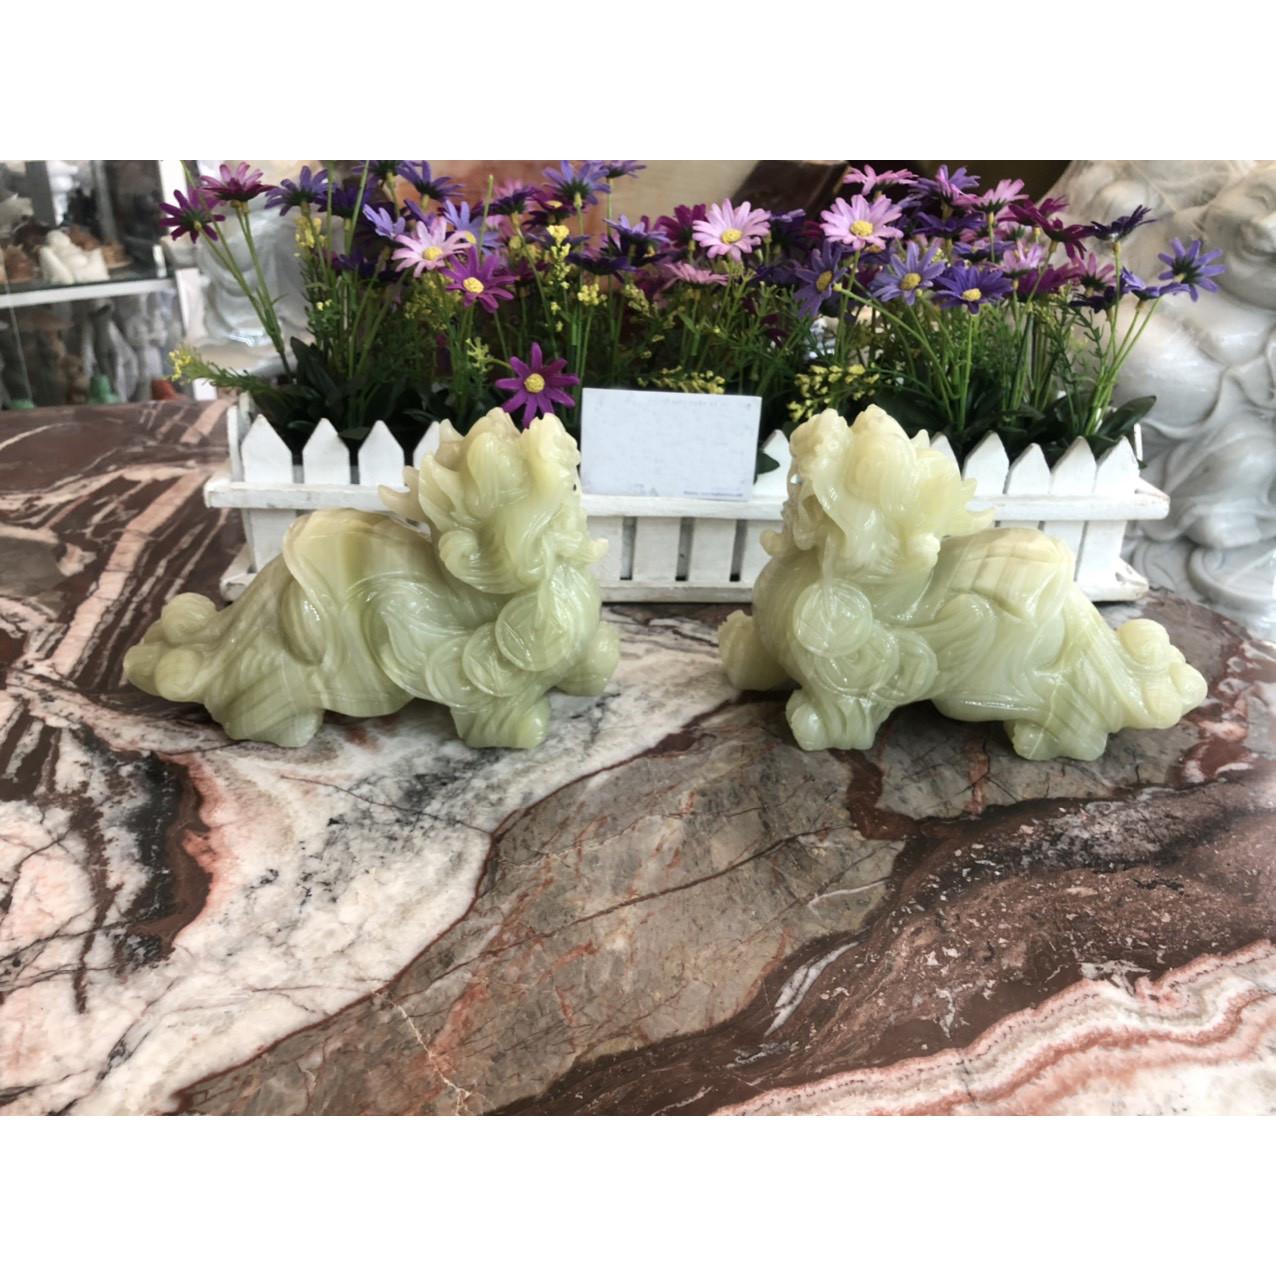 Cặp Tỳ Hưu ngậm xâu tiền phong thủy cầu tài lộc đá ngọc Onyx - Dài 20 cm